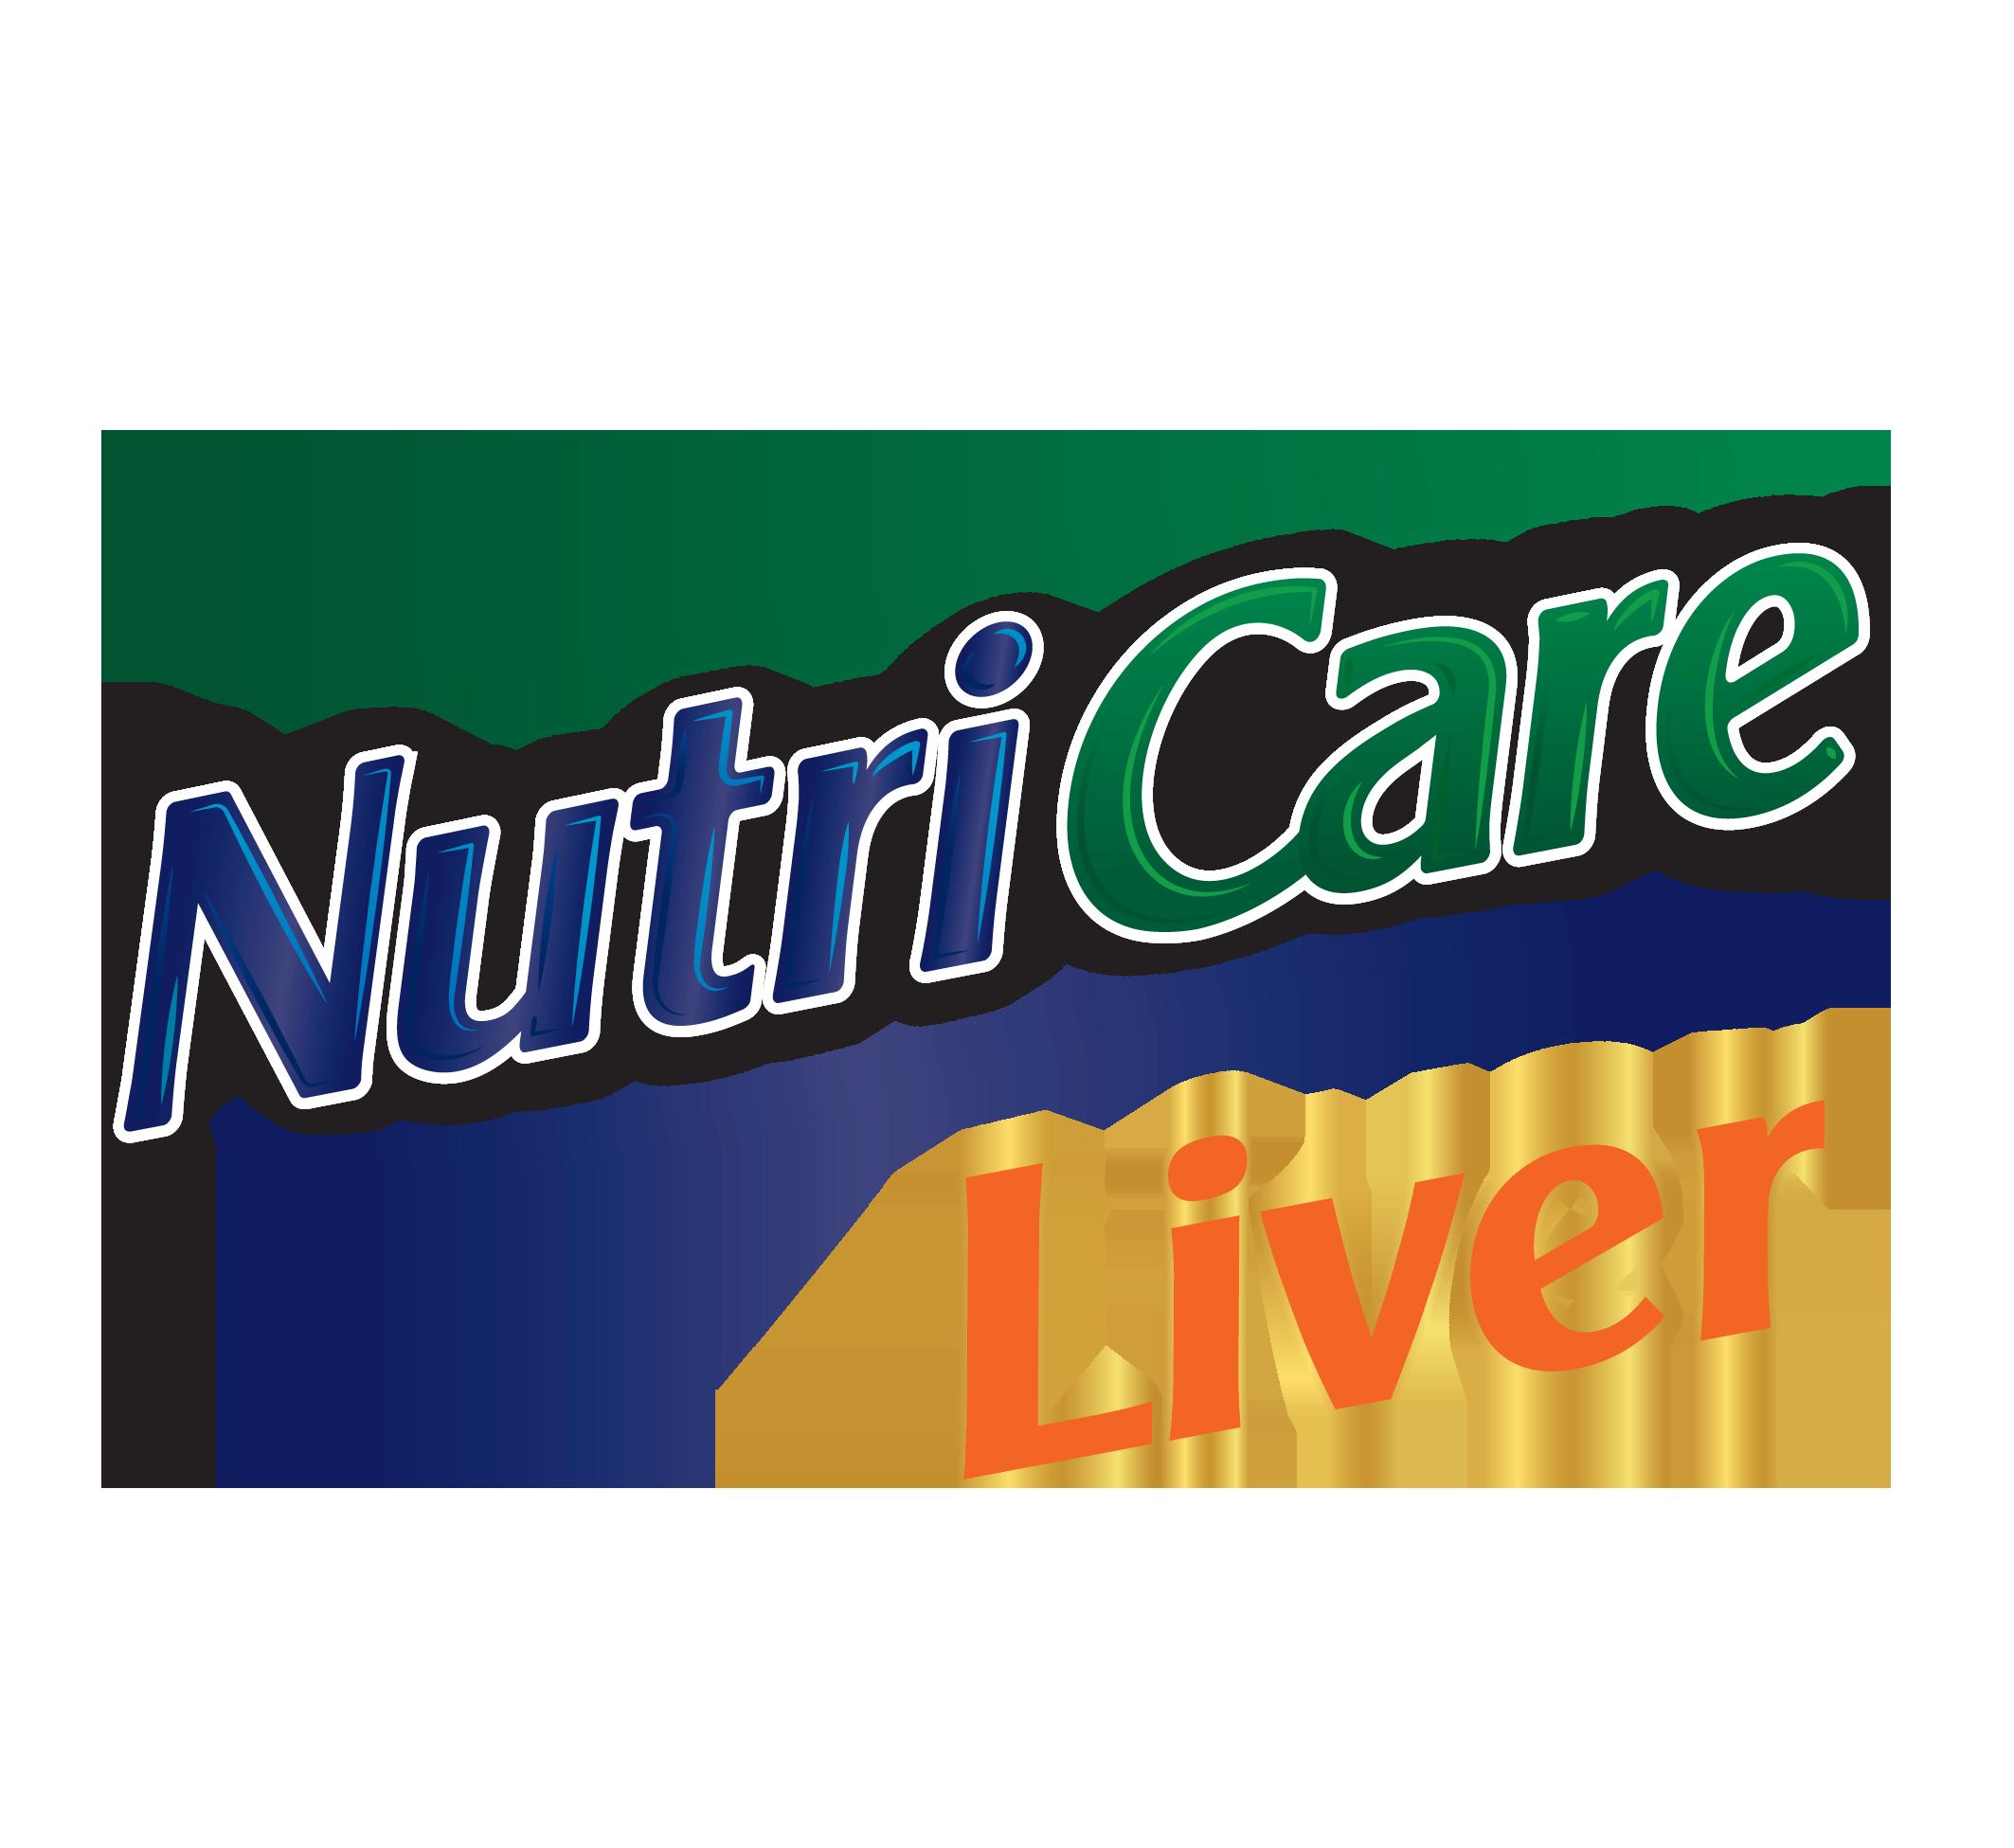 NUTRICARE LIVER